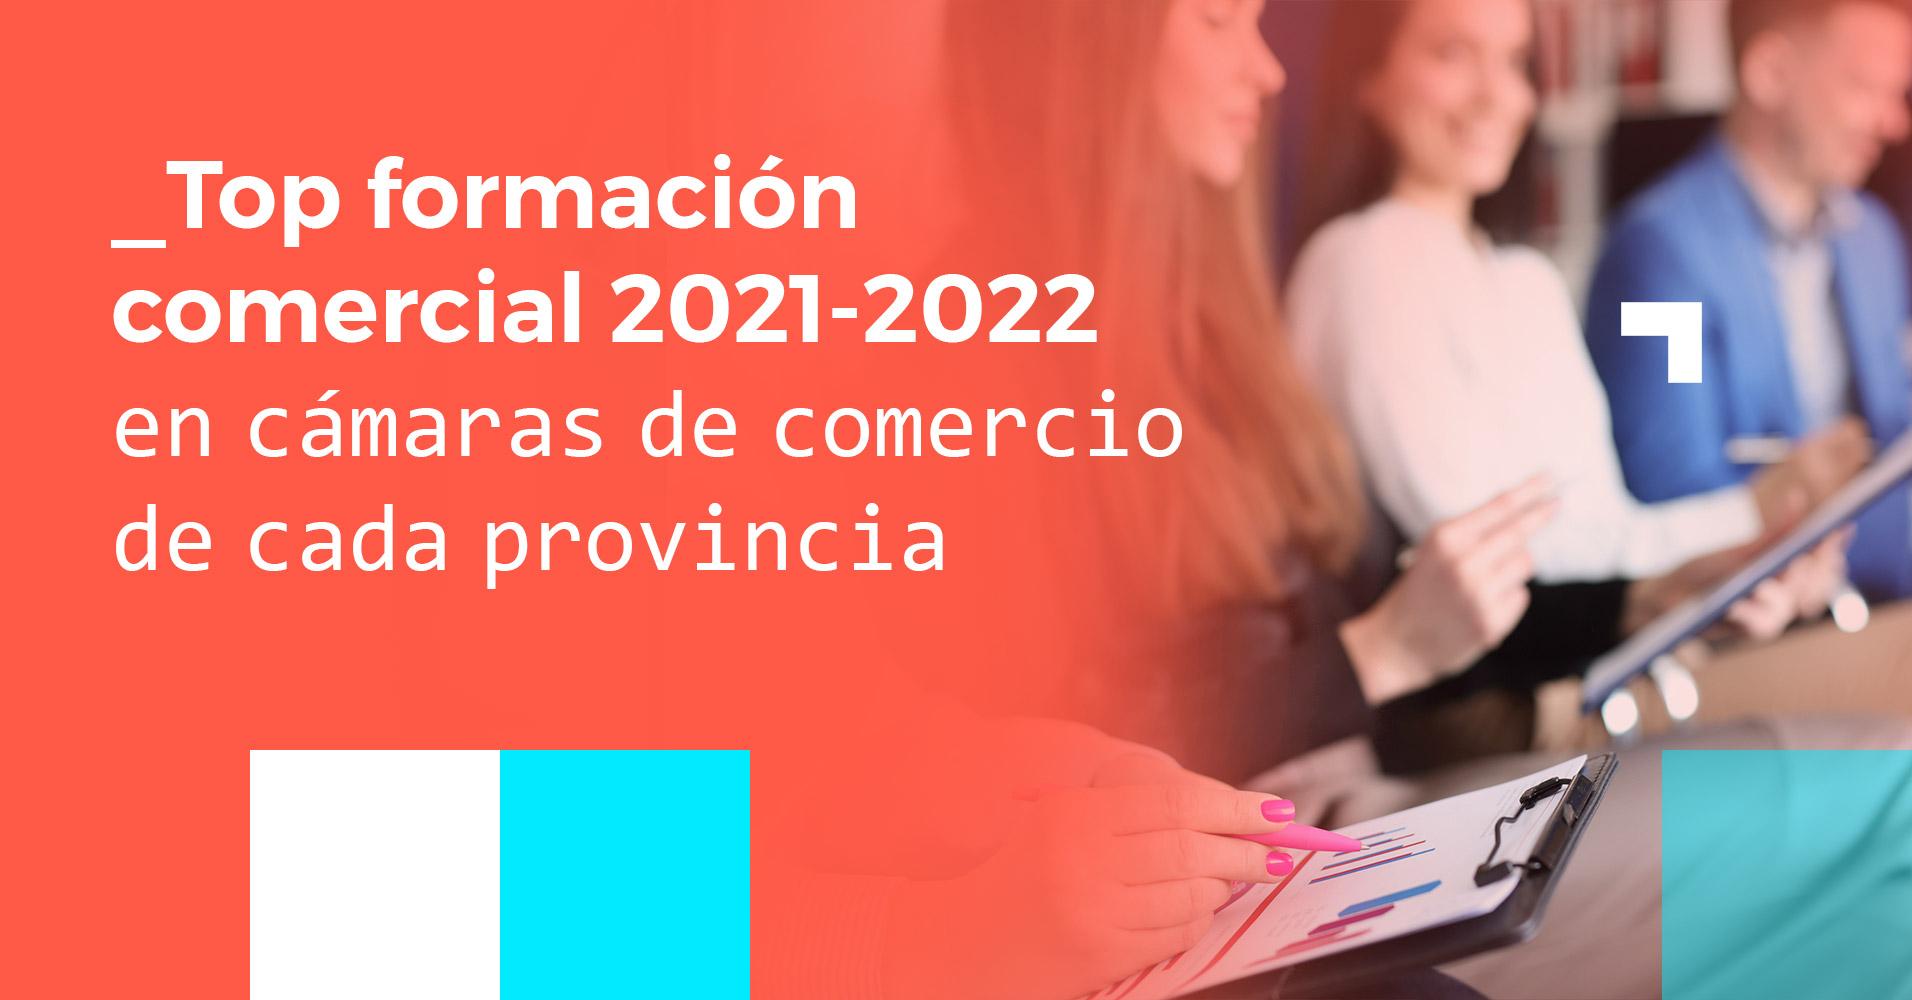 Cursos cámara de comercio 2021-2022 por provincias